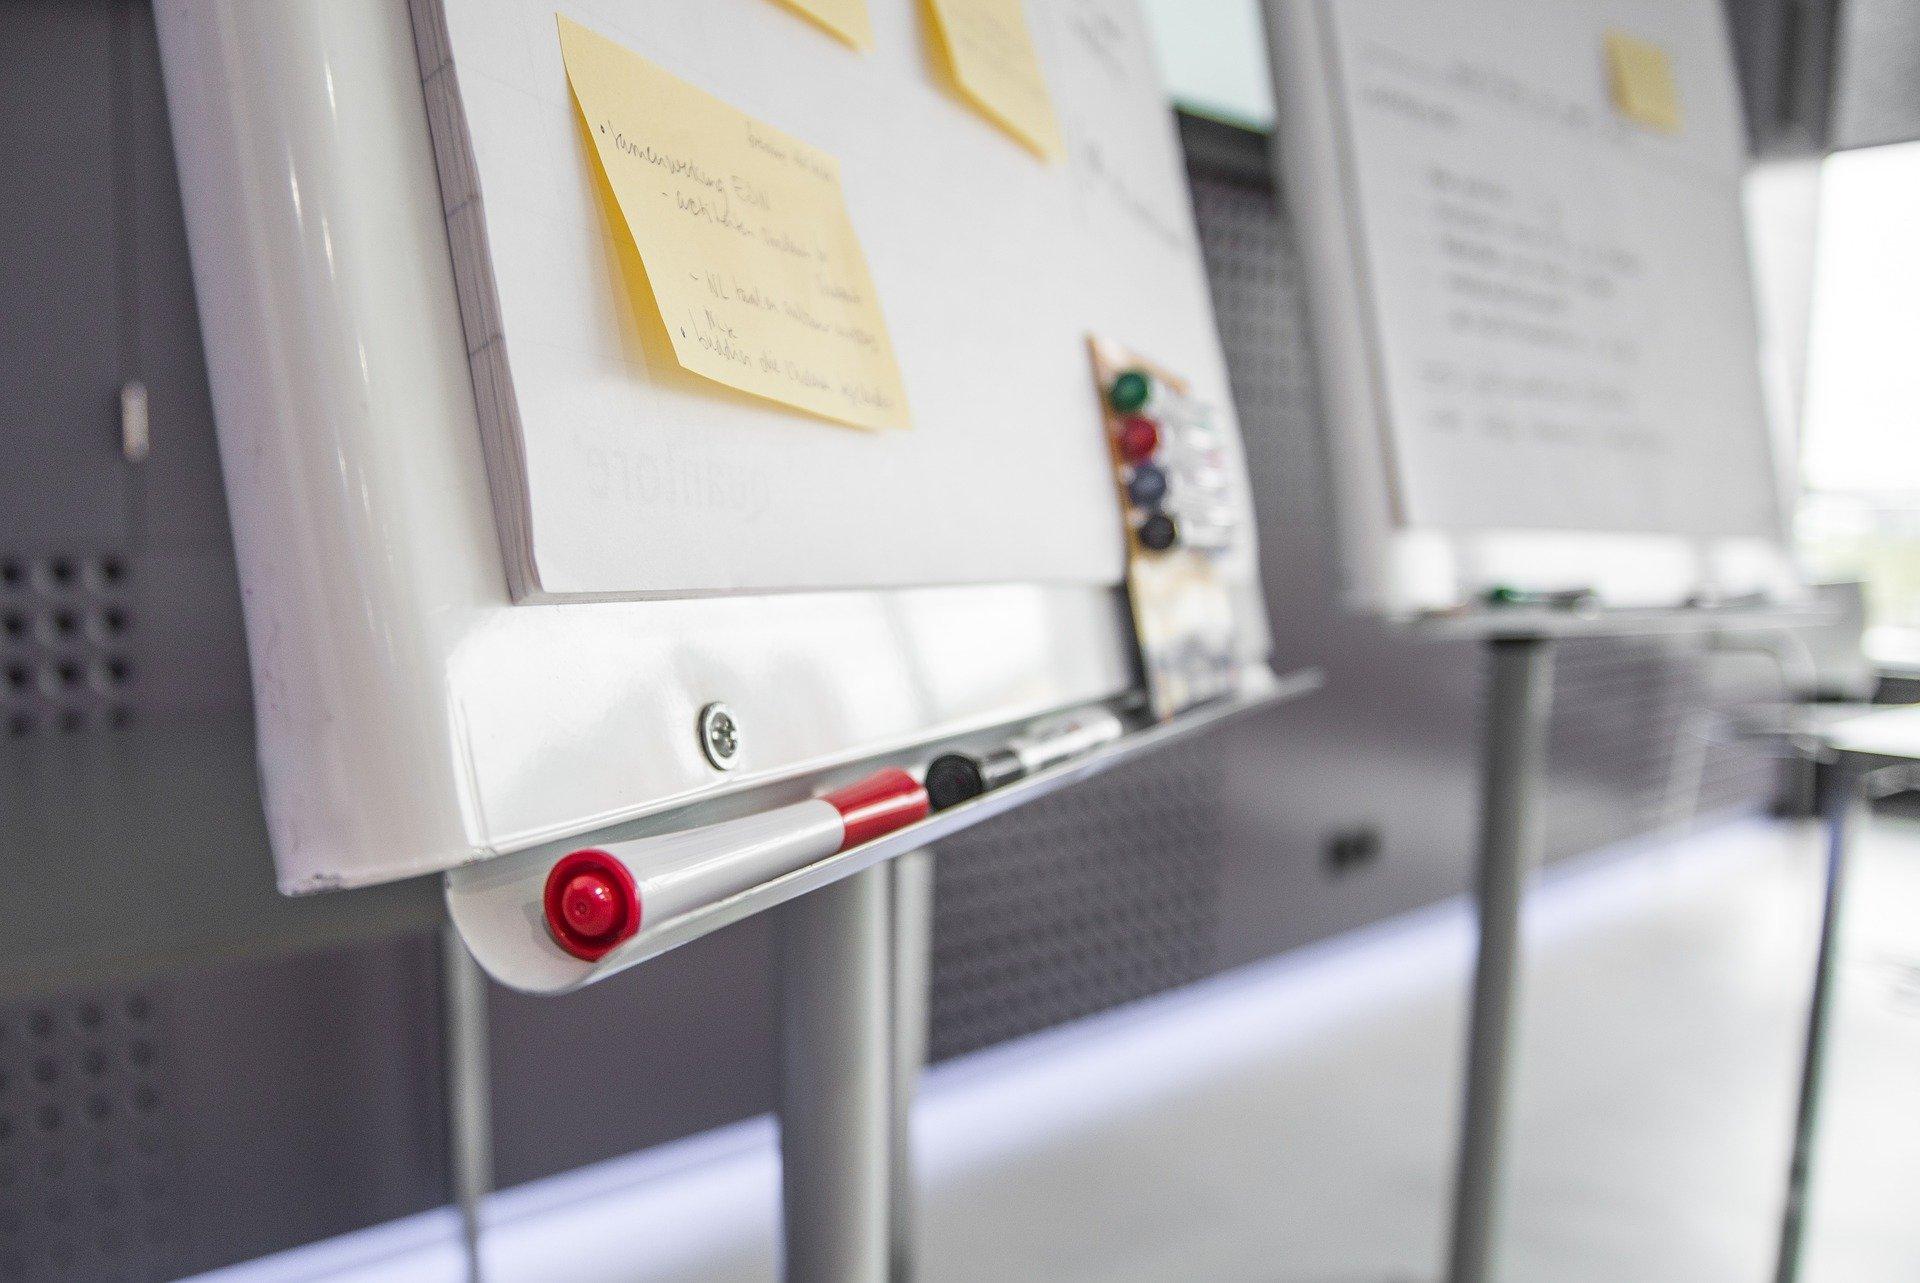 Le nouveau dispositif doit aider les demandeurs d'emploi non qualifiés à construire leur parcours de formation Image par Rudy and Peter Skitterians de Pixabay